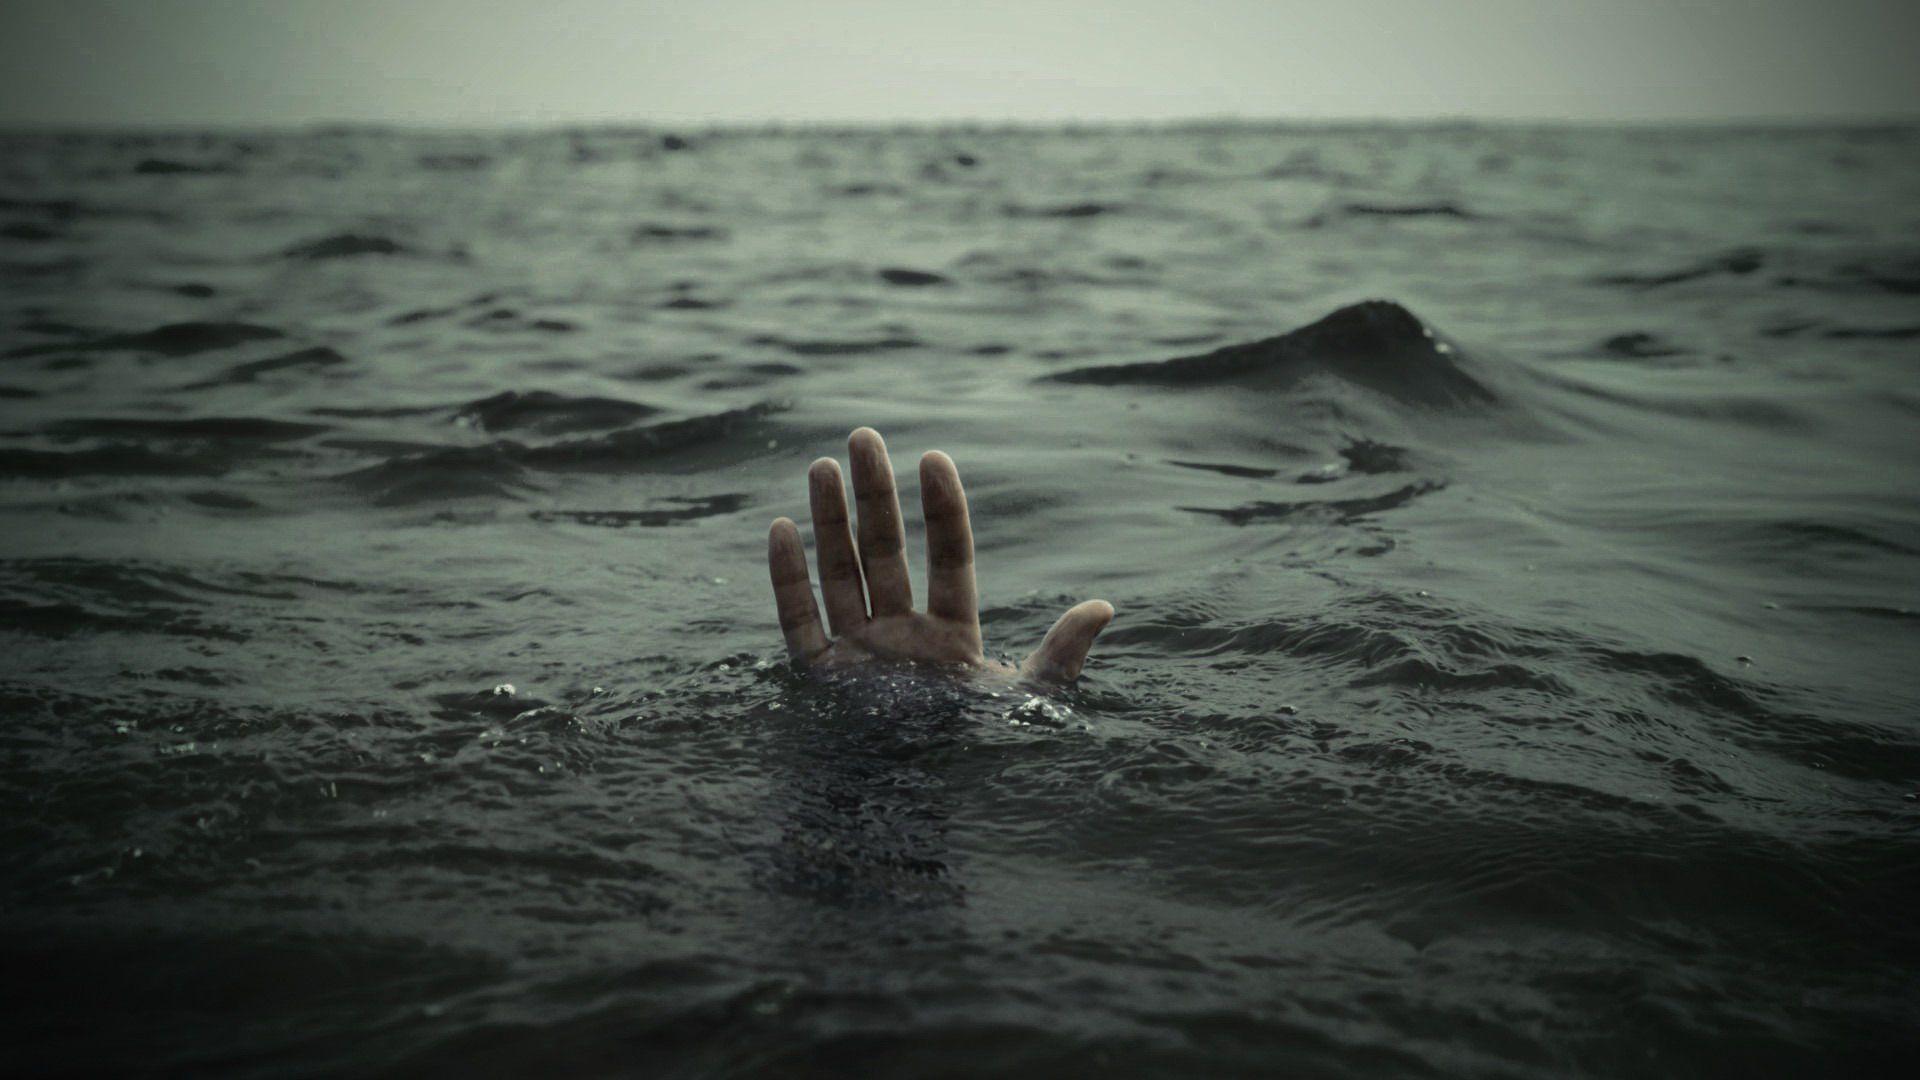 L'immigrazione resta ancora un enigma irrisolto per l'Italia: gli indifesi traghettati da Caronte